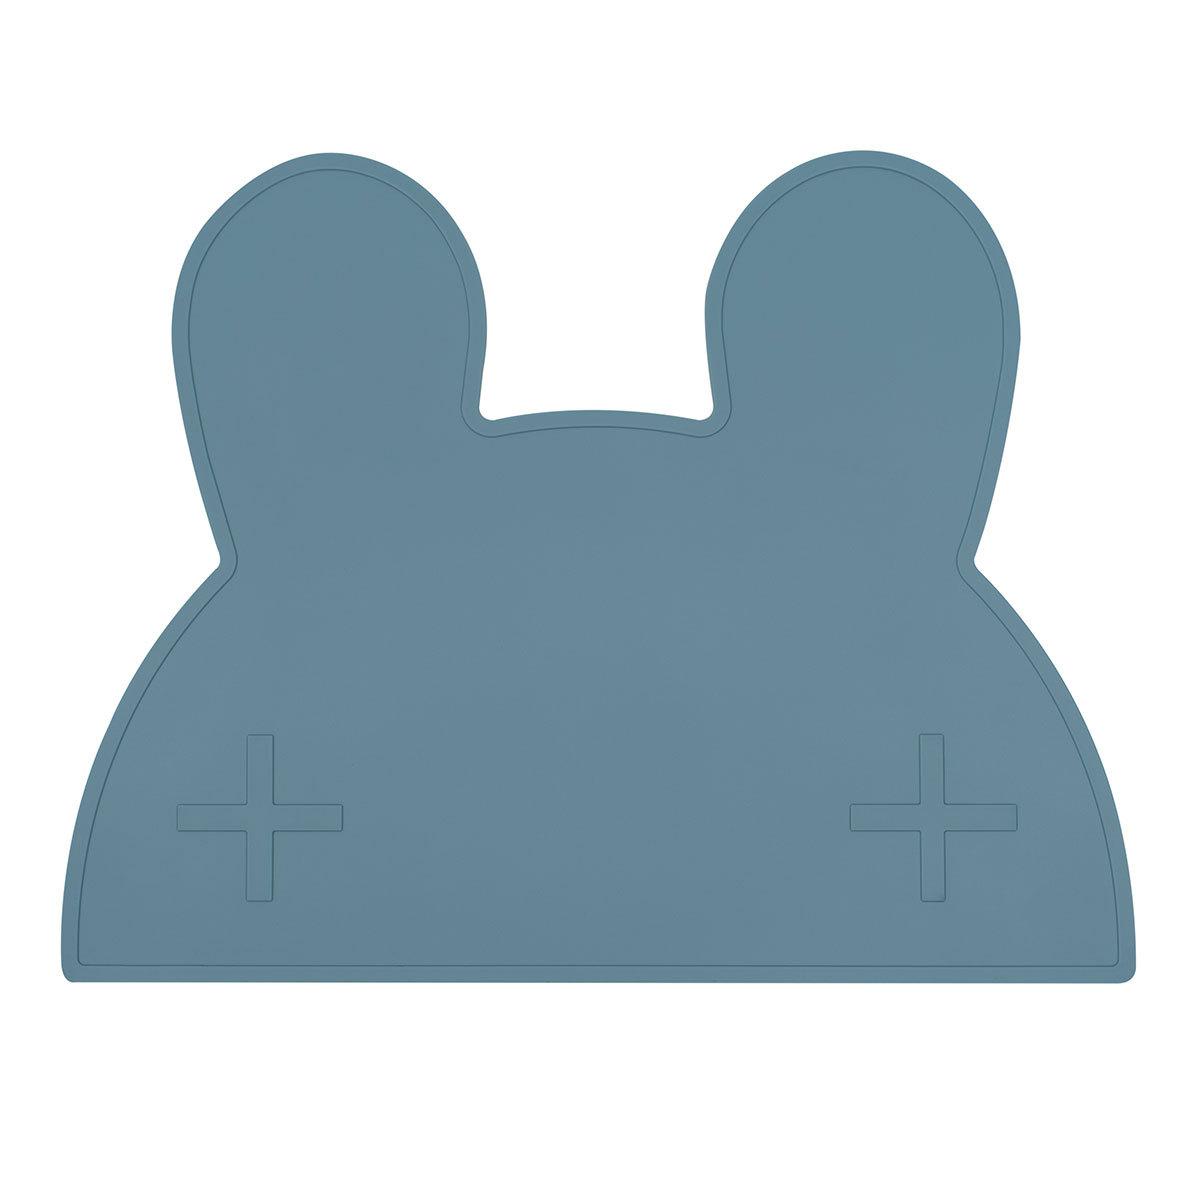 Vaisselle & Couvert Set de Table Lapin - Blue Dusk Set de Table Lapin - Blue Dusk